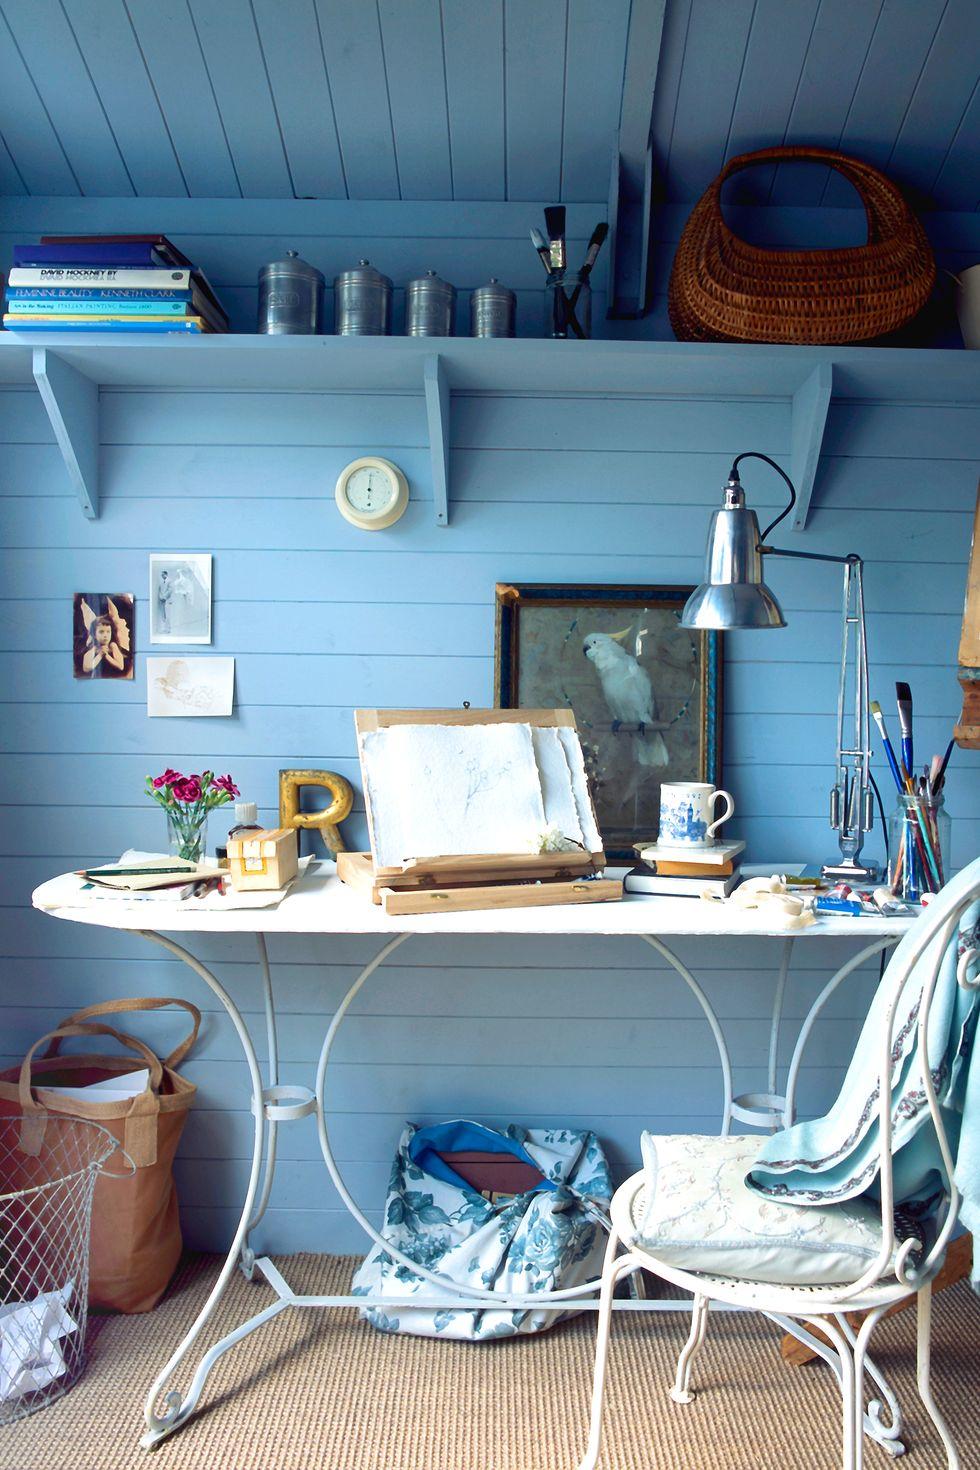 Làm sống lại bàn console không sử dụng hoặc bàn ngoài trời bằng lớp sơn mới (hoặc để nguyên như vậy trong những không gian mộc mạc hơn). Ở đây, sắc trắng nổi bật trên nền xanh lam đơn sắc, trong khi một chiếc gối ném thoải mái tạo nên một chiếc ghế sân vườn bằng sắt cho trong nhà.